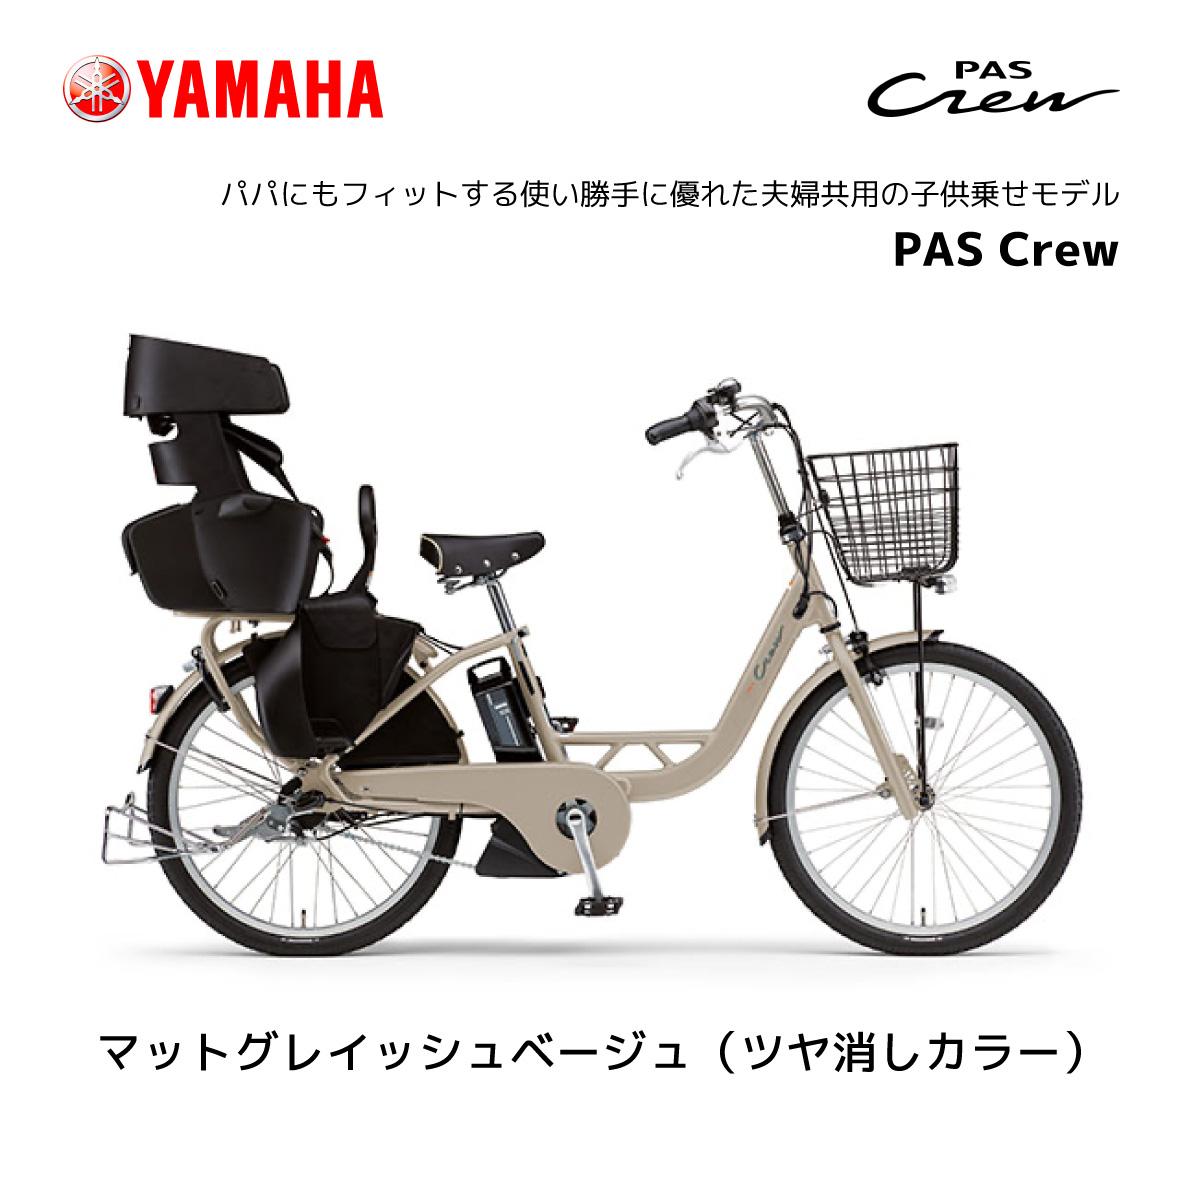 電動自転車 ヤマハ 子ども乗せ PAS Crew パス クルー 24インチ PA24C